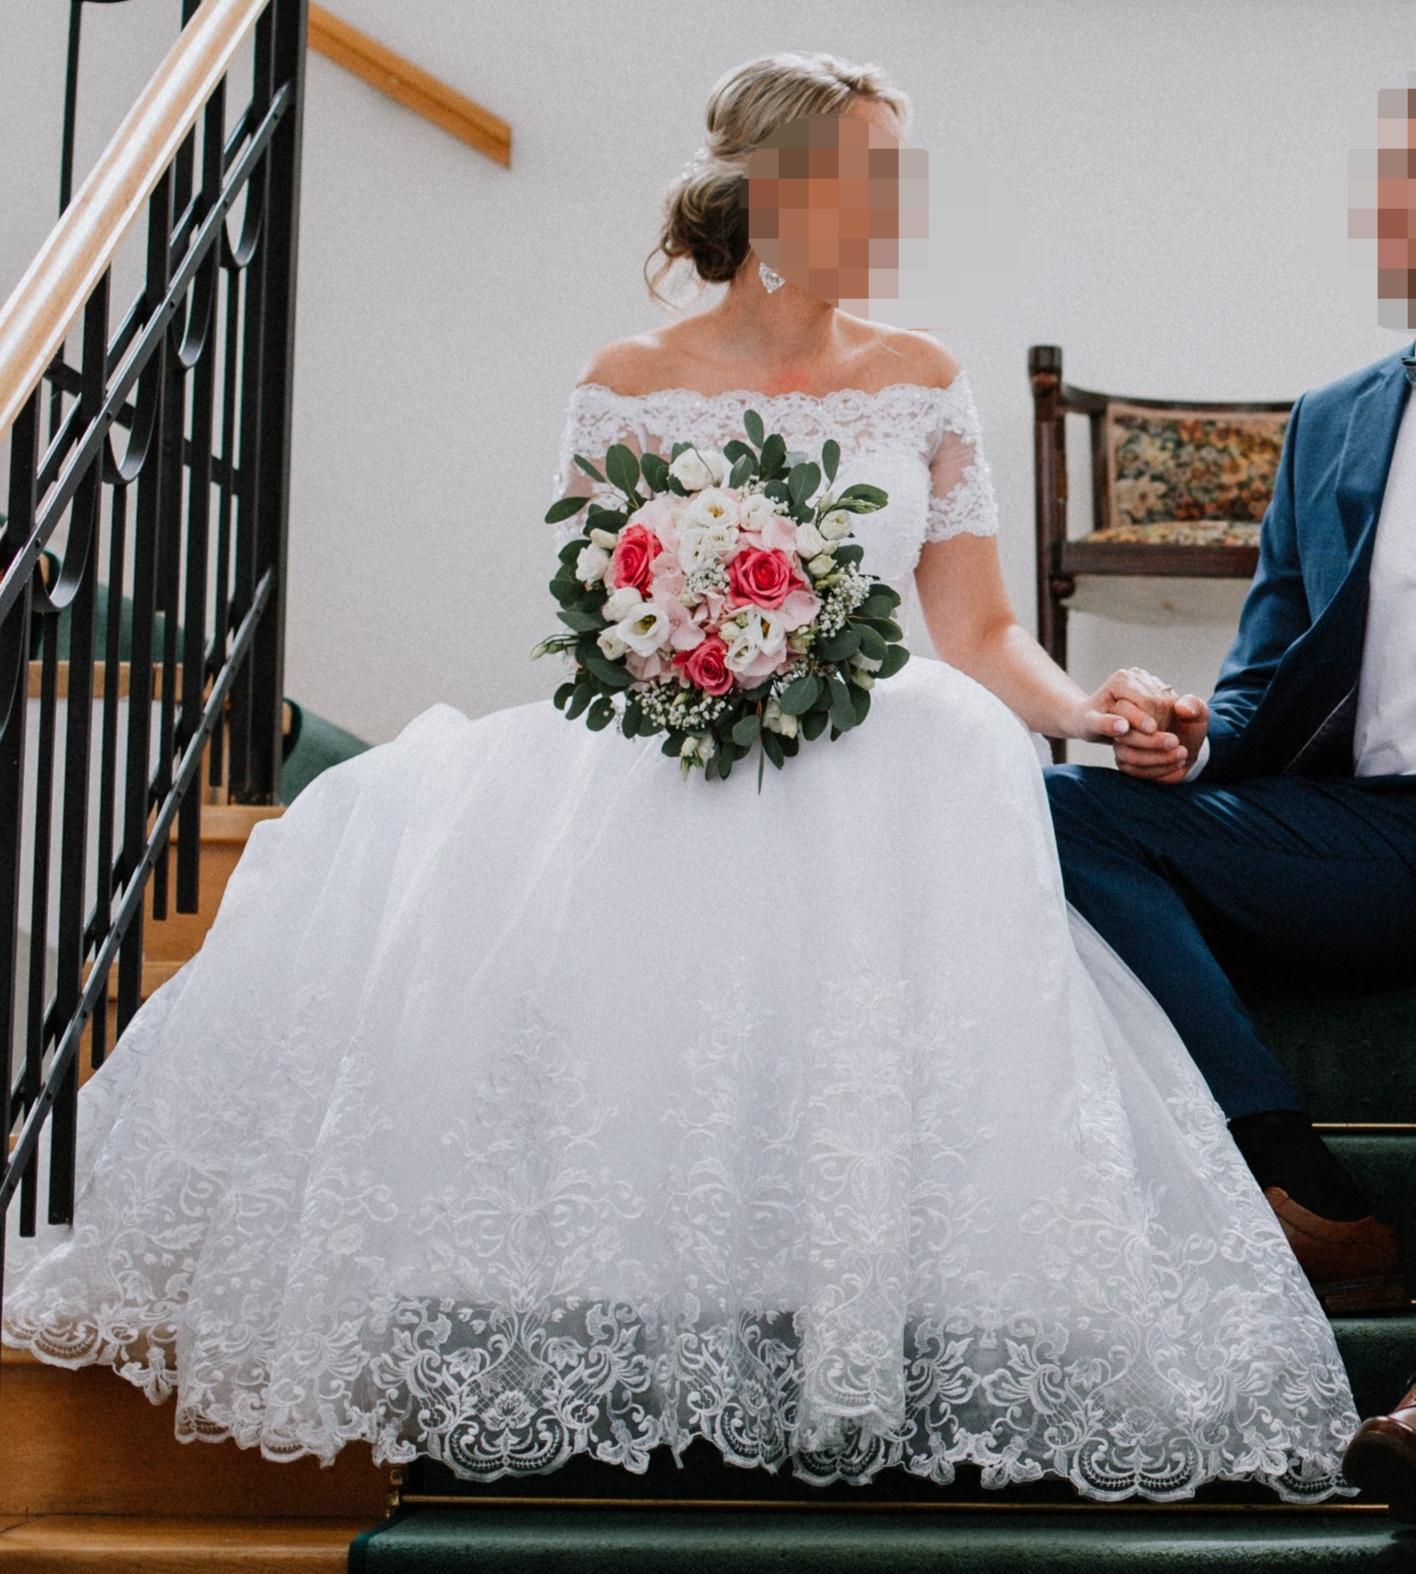 Nádherné svadobné šaty pre vyššiu postavu - Obrázok č. 2